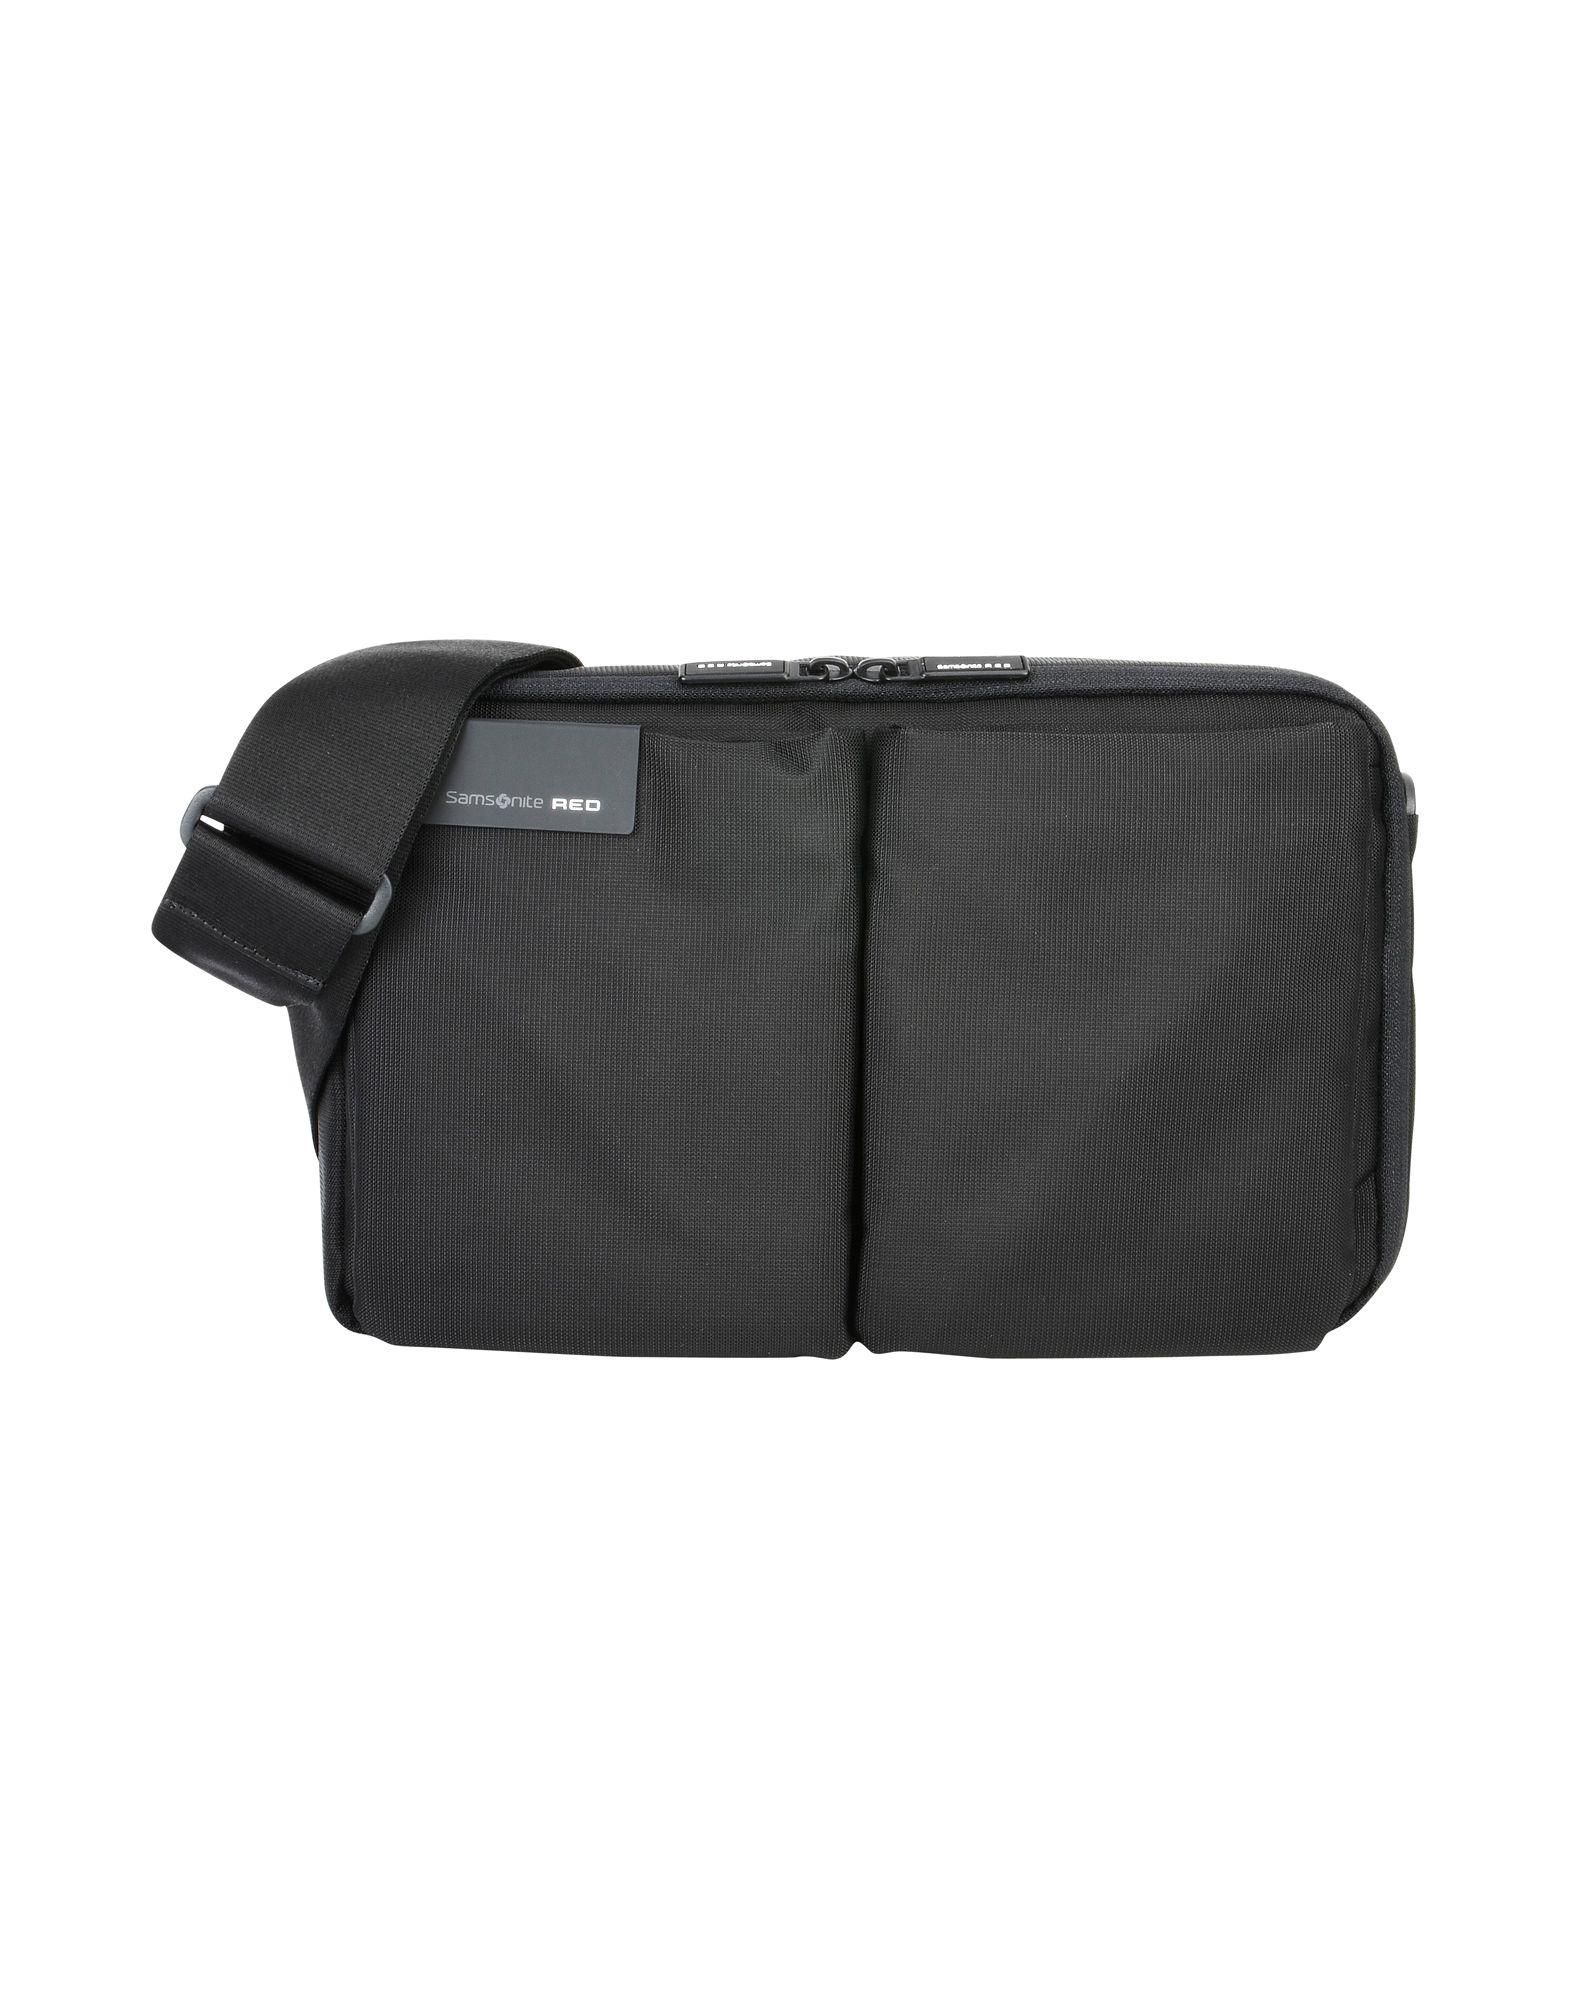 SAMSONITE RED Сумка через плечо новая сумка на плечо samsonite 14 легкий модный мужской рюкзак бизнес случайная сумка для компьютера bu1 10001 темно красный